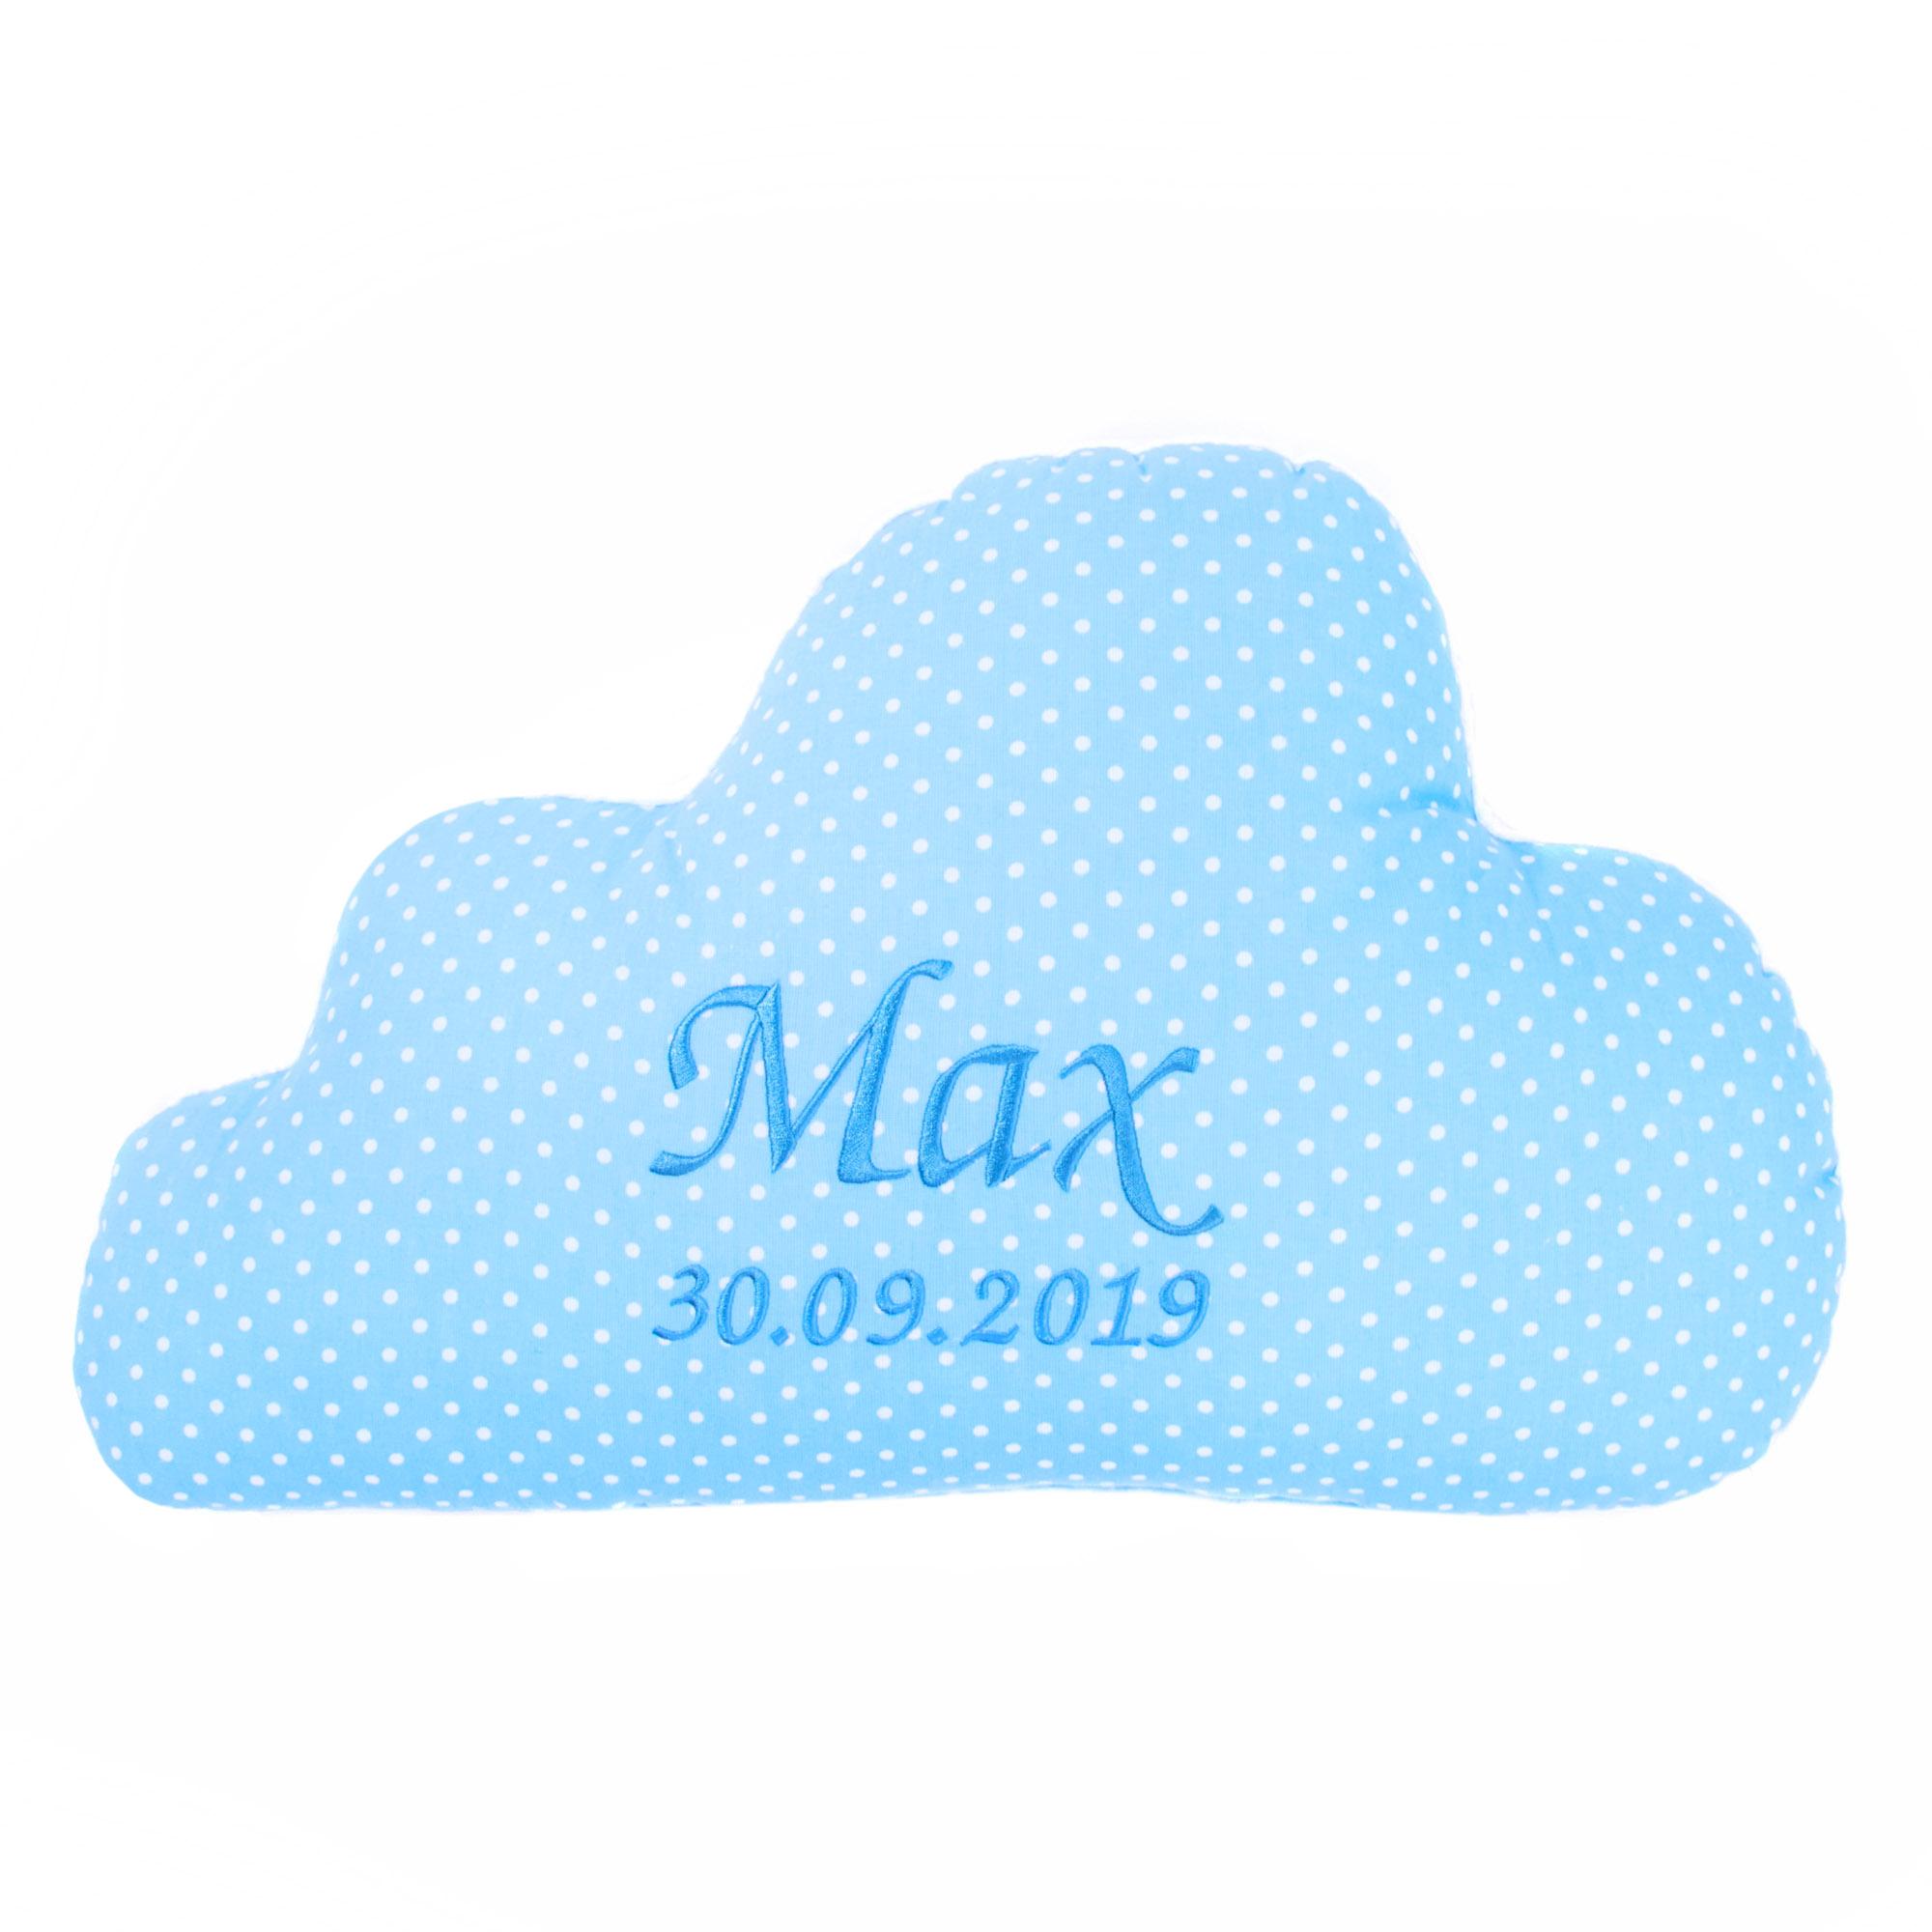 Wolken Kissen mit Namen und Datum Kuschlig Flauschig Pünktchen KLEIN Hellblau